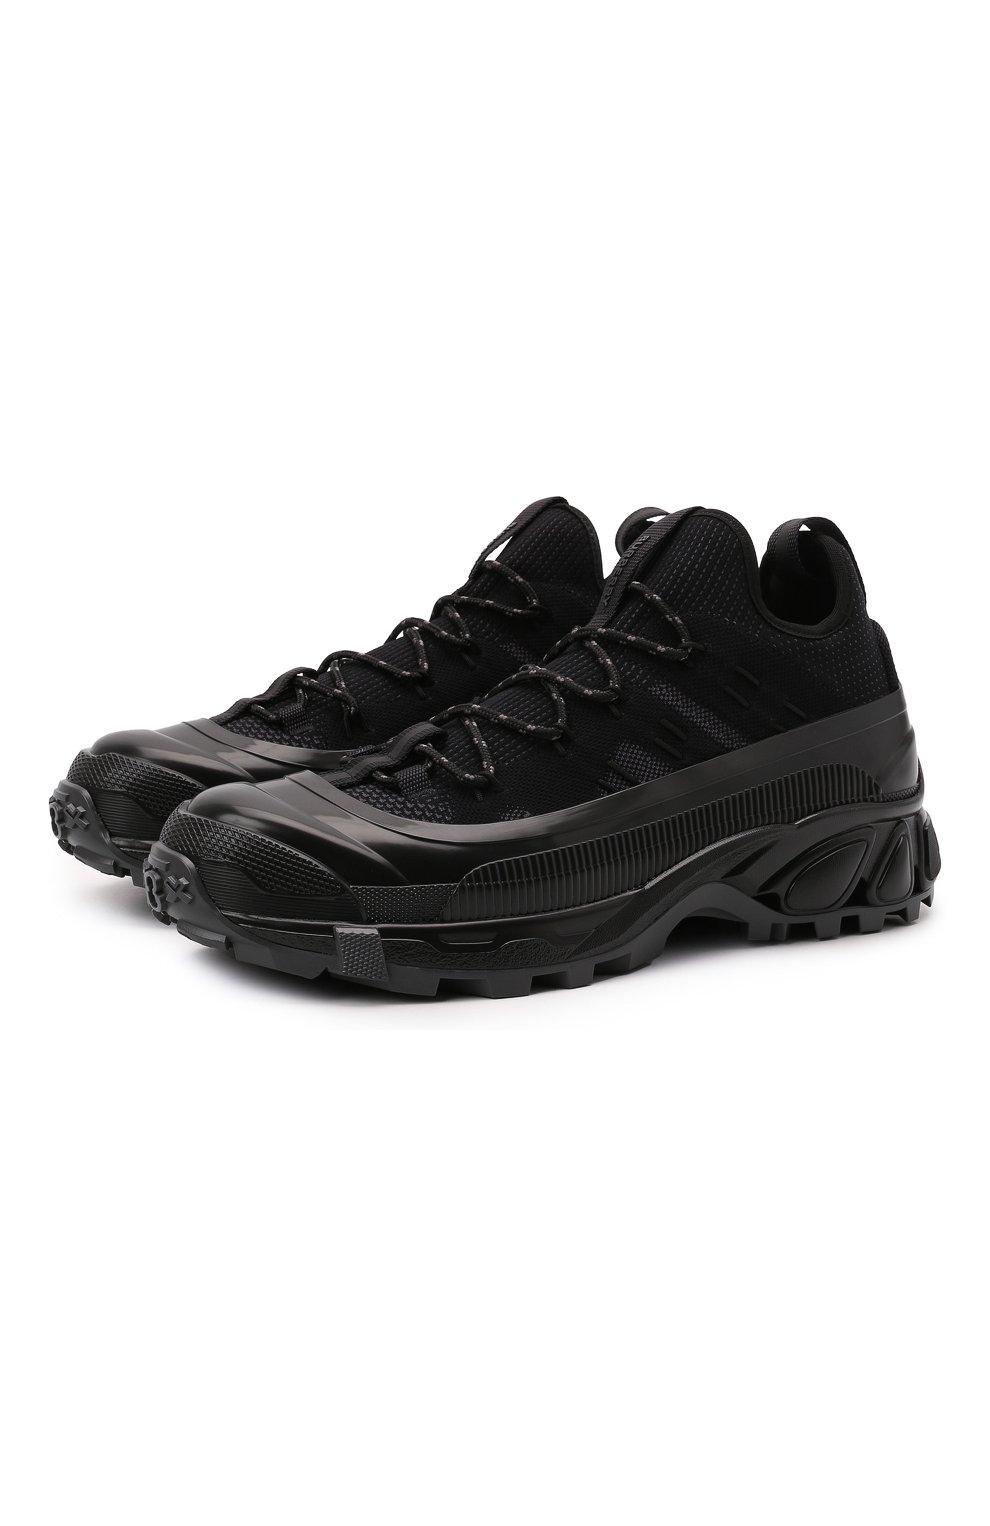 Мужские комбинированные кроссовки arthur BURBERRY черного цвета, арт. 8042579   Фото 1 (Материал внешний: Текстиль; Материал внутренний: Натуральная кожа, Текстиль; Стили: Гранж; Подошва: Массивная)